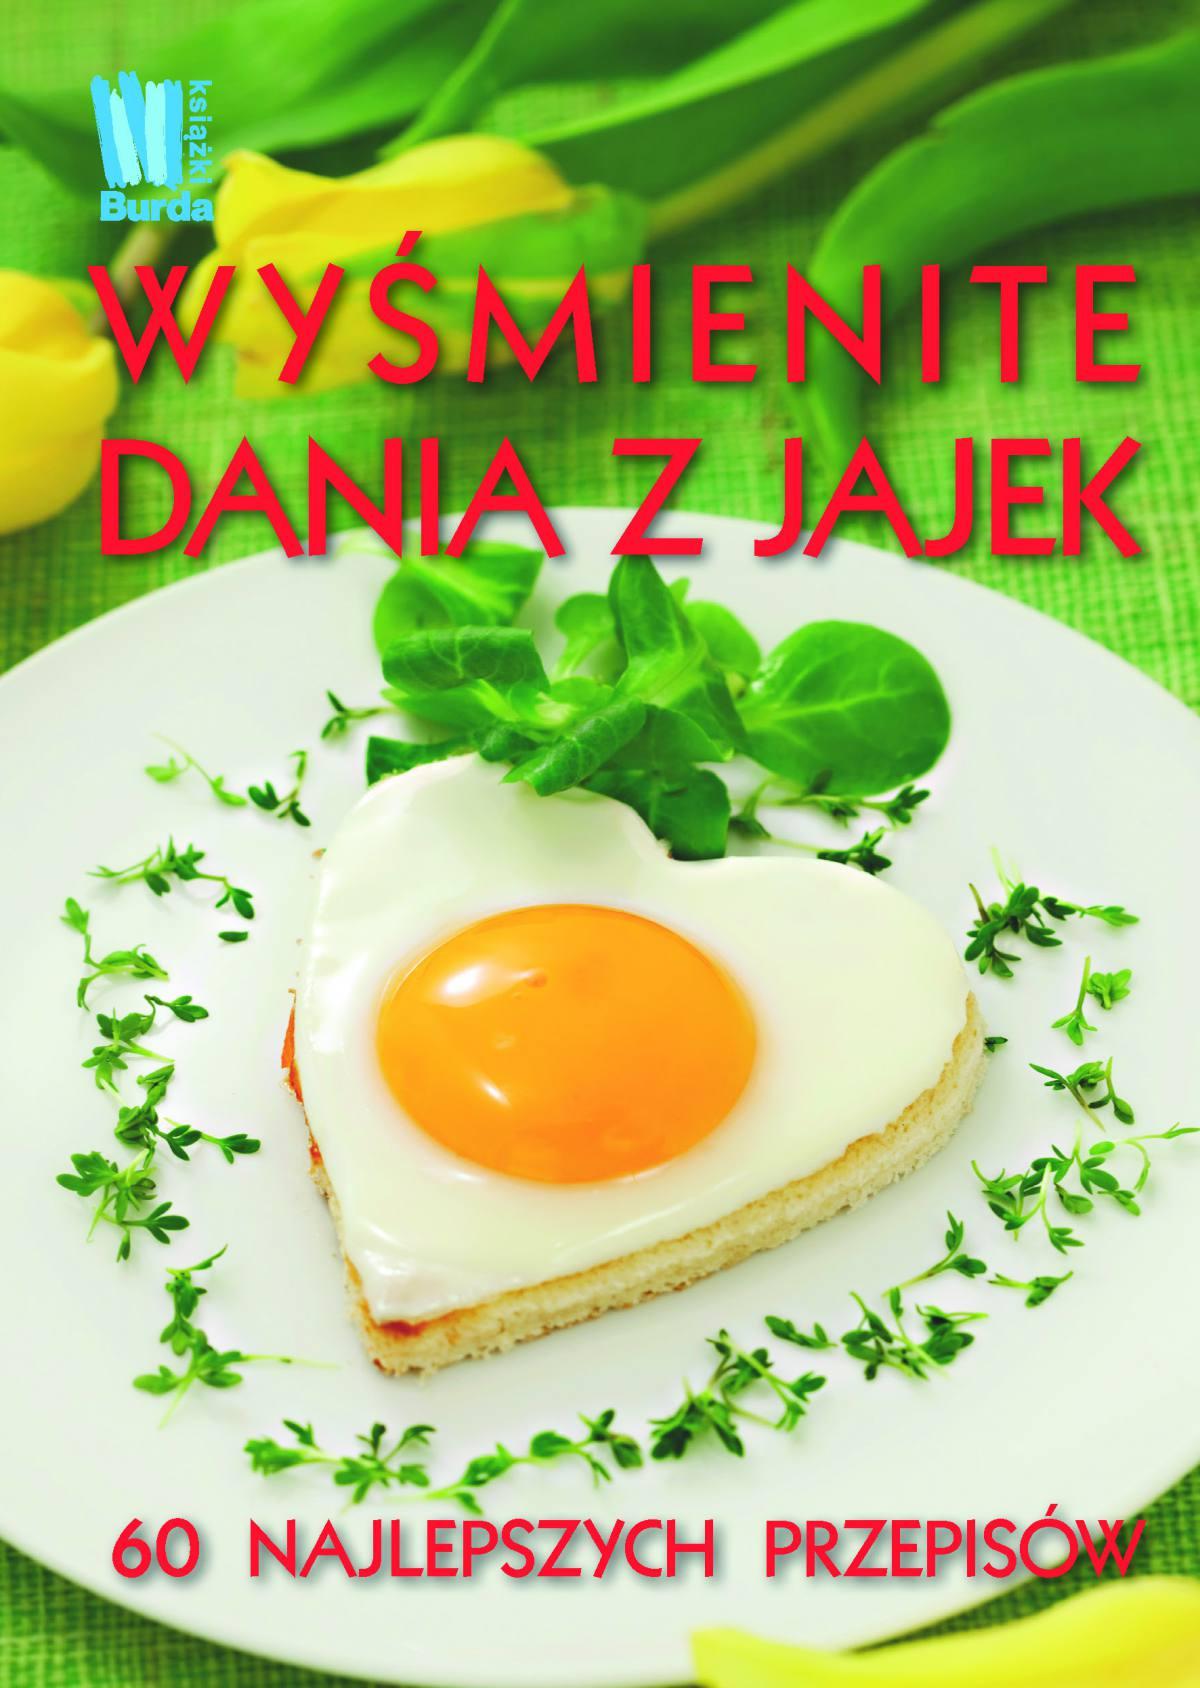 Wyśmienite dania z jajek - Ebook (Książka na Kindle) do pobrania w formacie MOBI